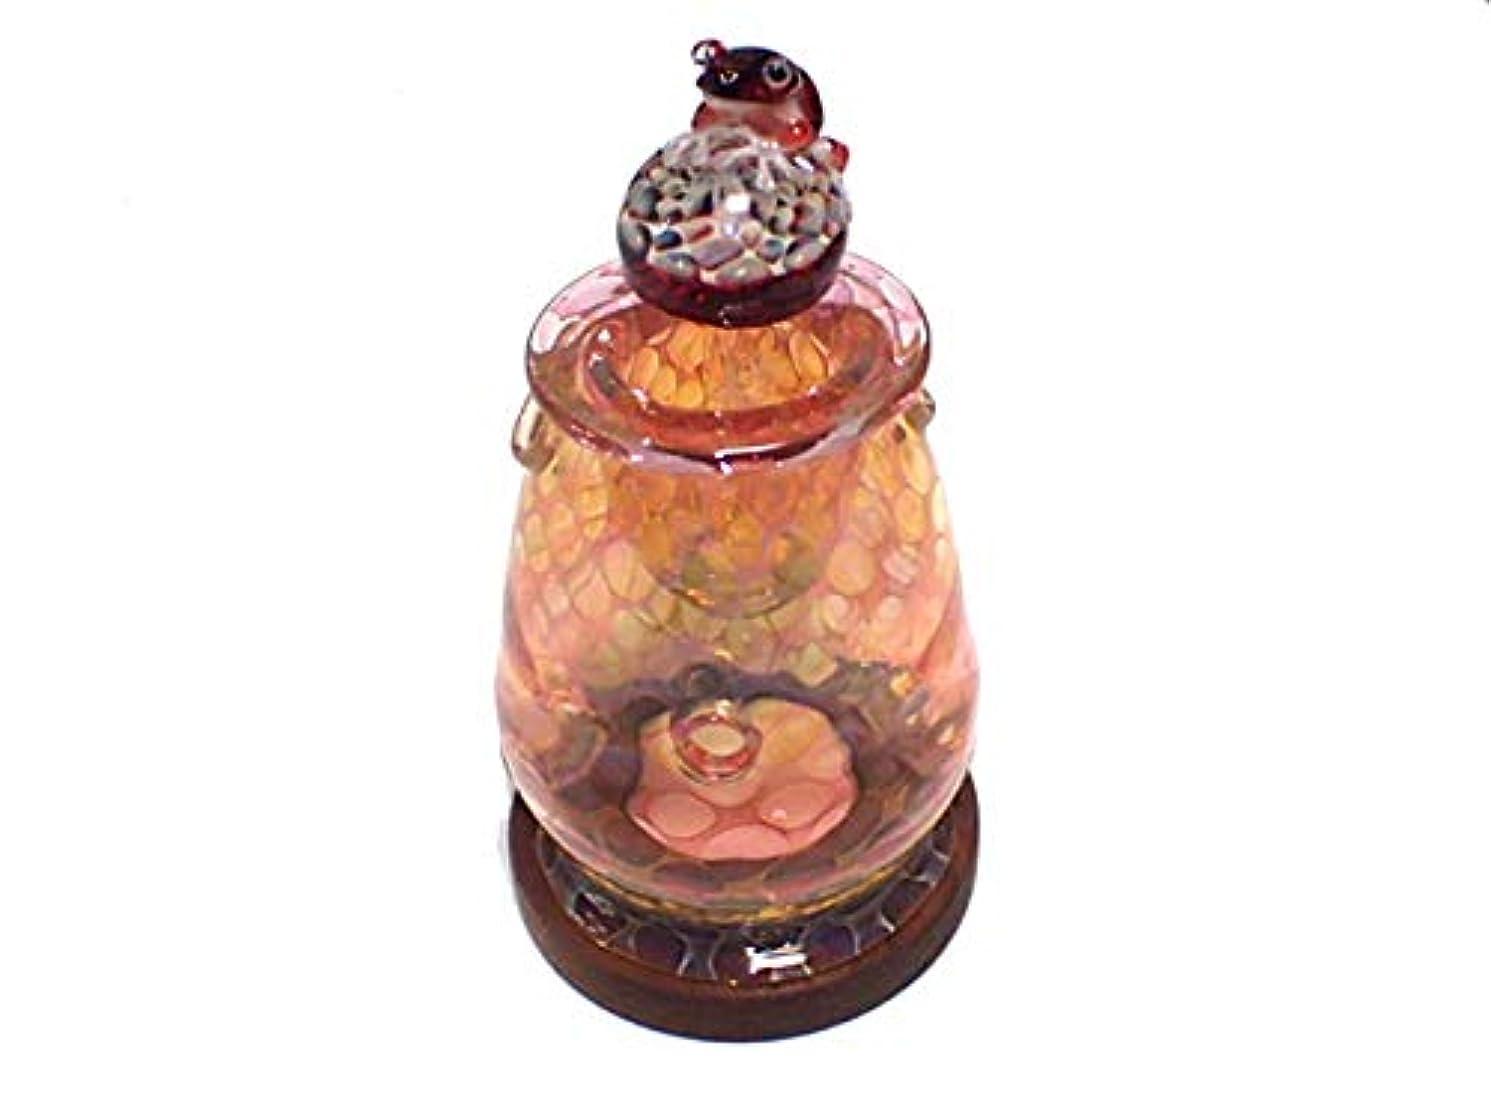 イノセンス昆虫怠惰『 アロマポット Frog on a Mshuroom 四 (台付き)』【 kengtaro ケンタロー 】 キノコ カエル 一点もの ボロシリケイトガラス 職人 作家 蛙 かえる フロッグ 高級 お香 リラックス